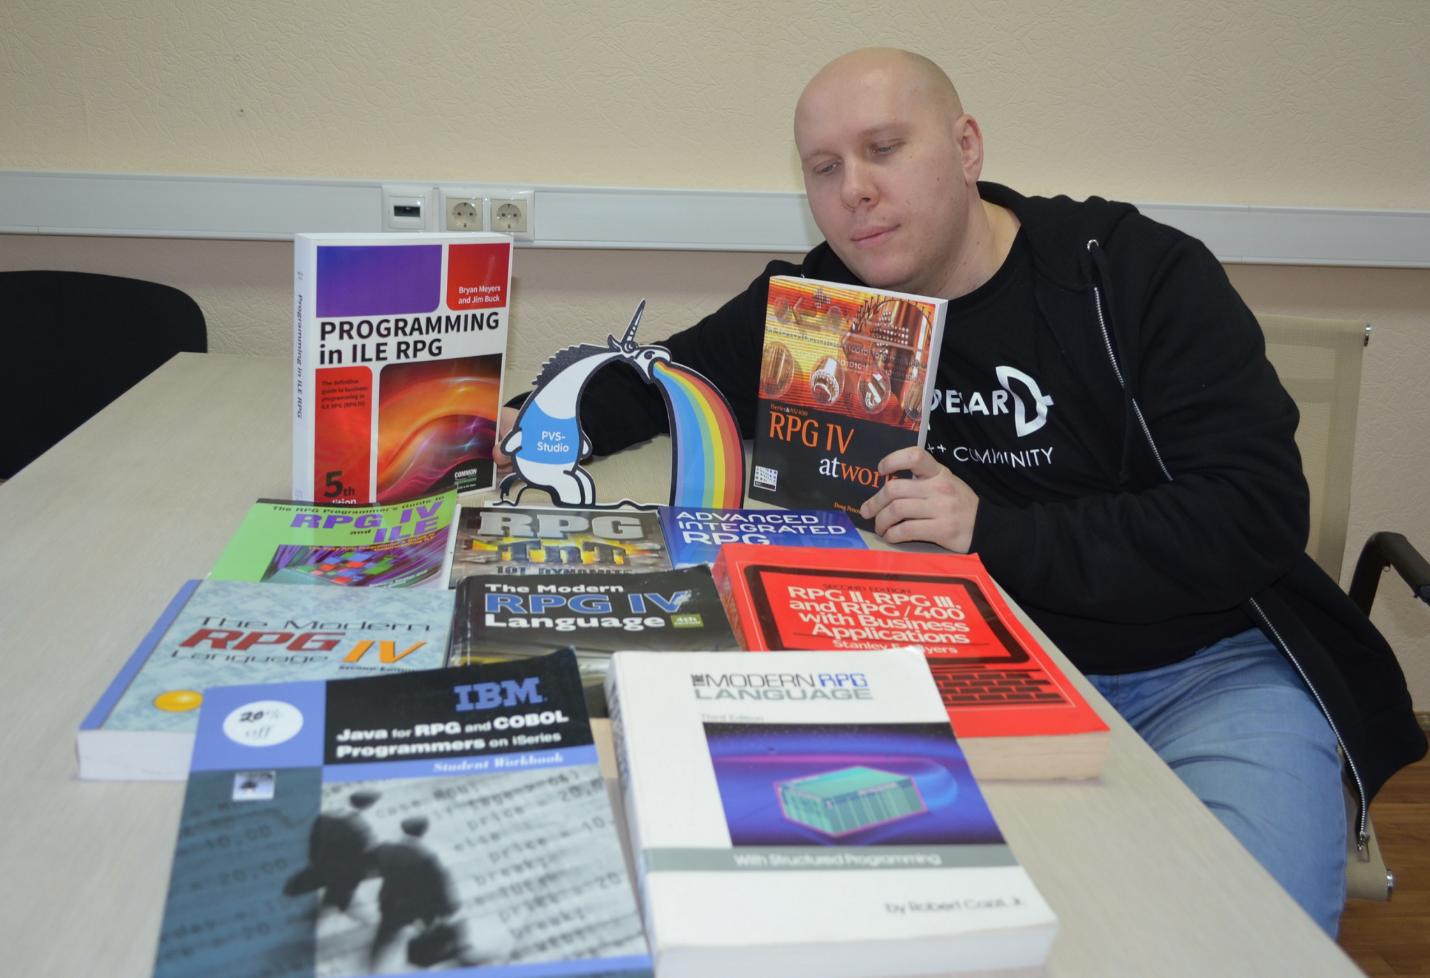 Рисунок N3. Книги по языку RPG куплены. Осталось найти героя их прочитать.